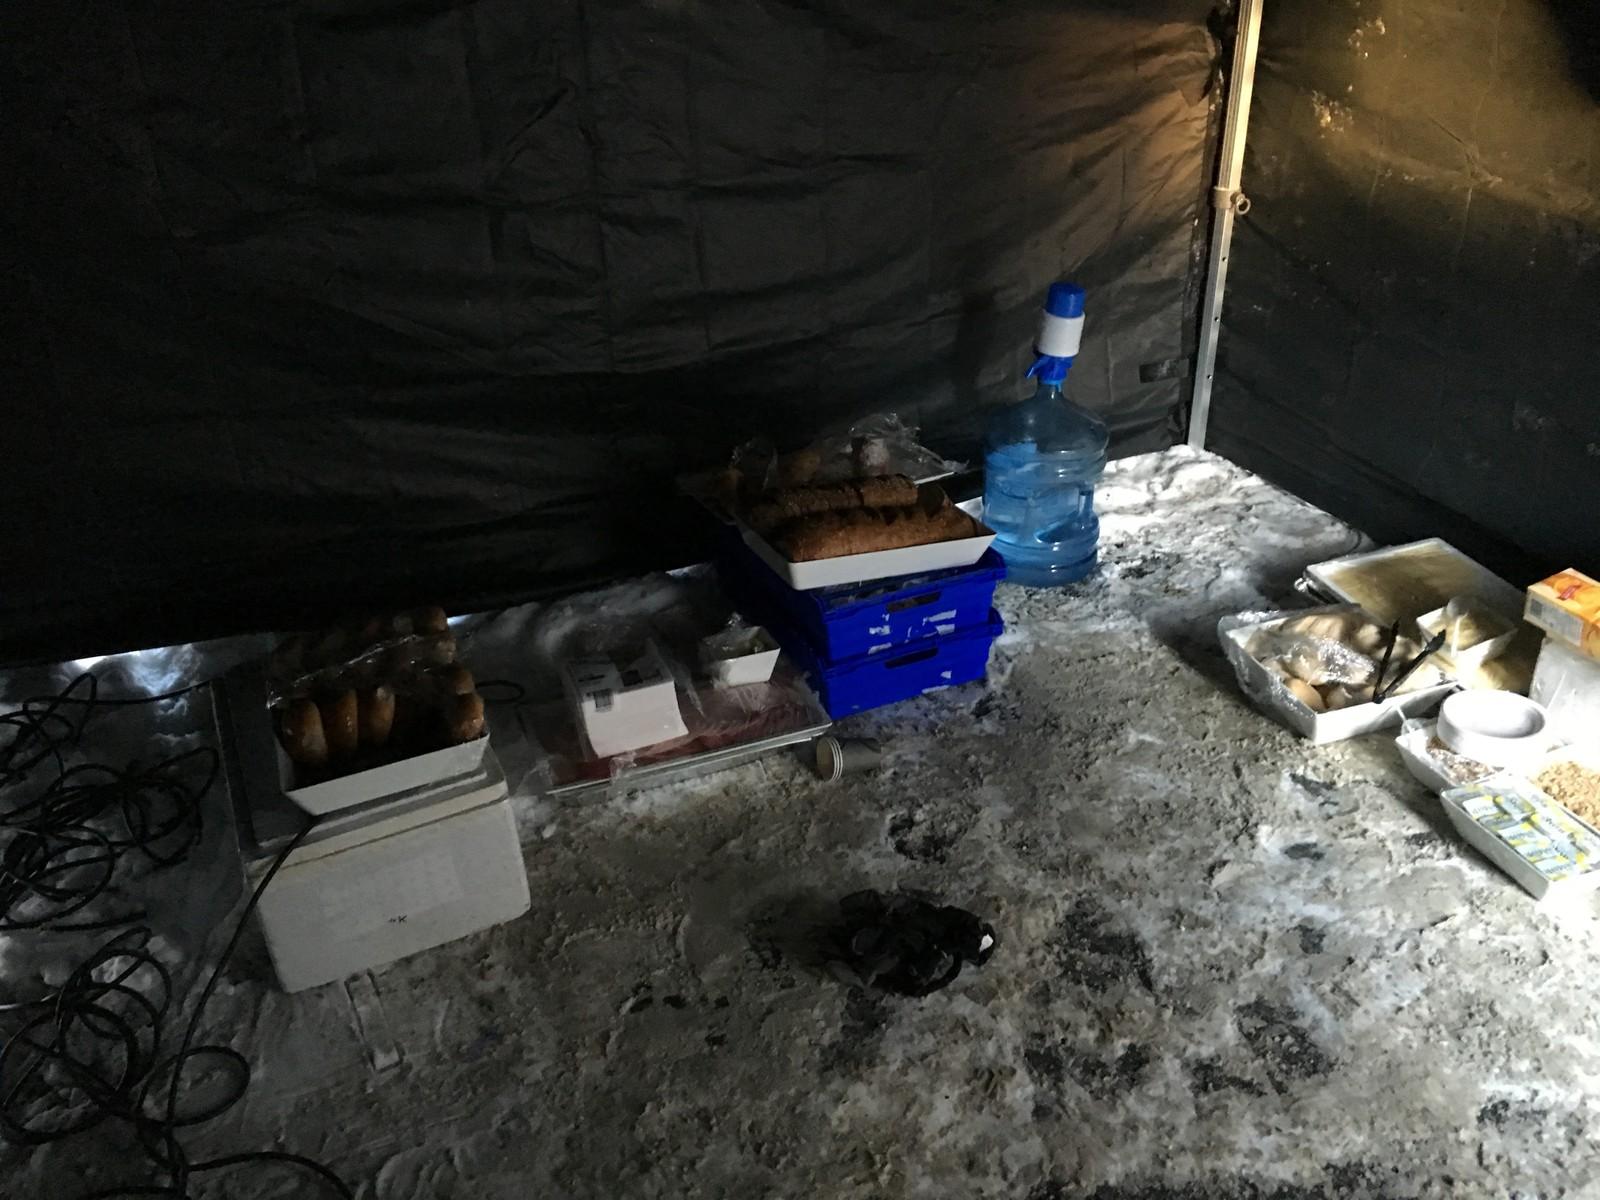 SPARTANSK I: Bildet fra ett av teltene på innspillingsstedet viser matvarer lagret rett på bakken. Ansatte på produksjonen sier at både mat og vann frøs flere ganger i løpet av produksjonen på grunn av de lave temperaturene.